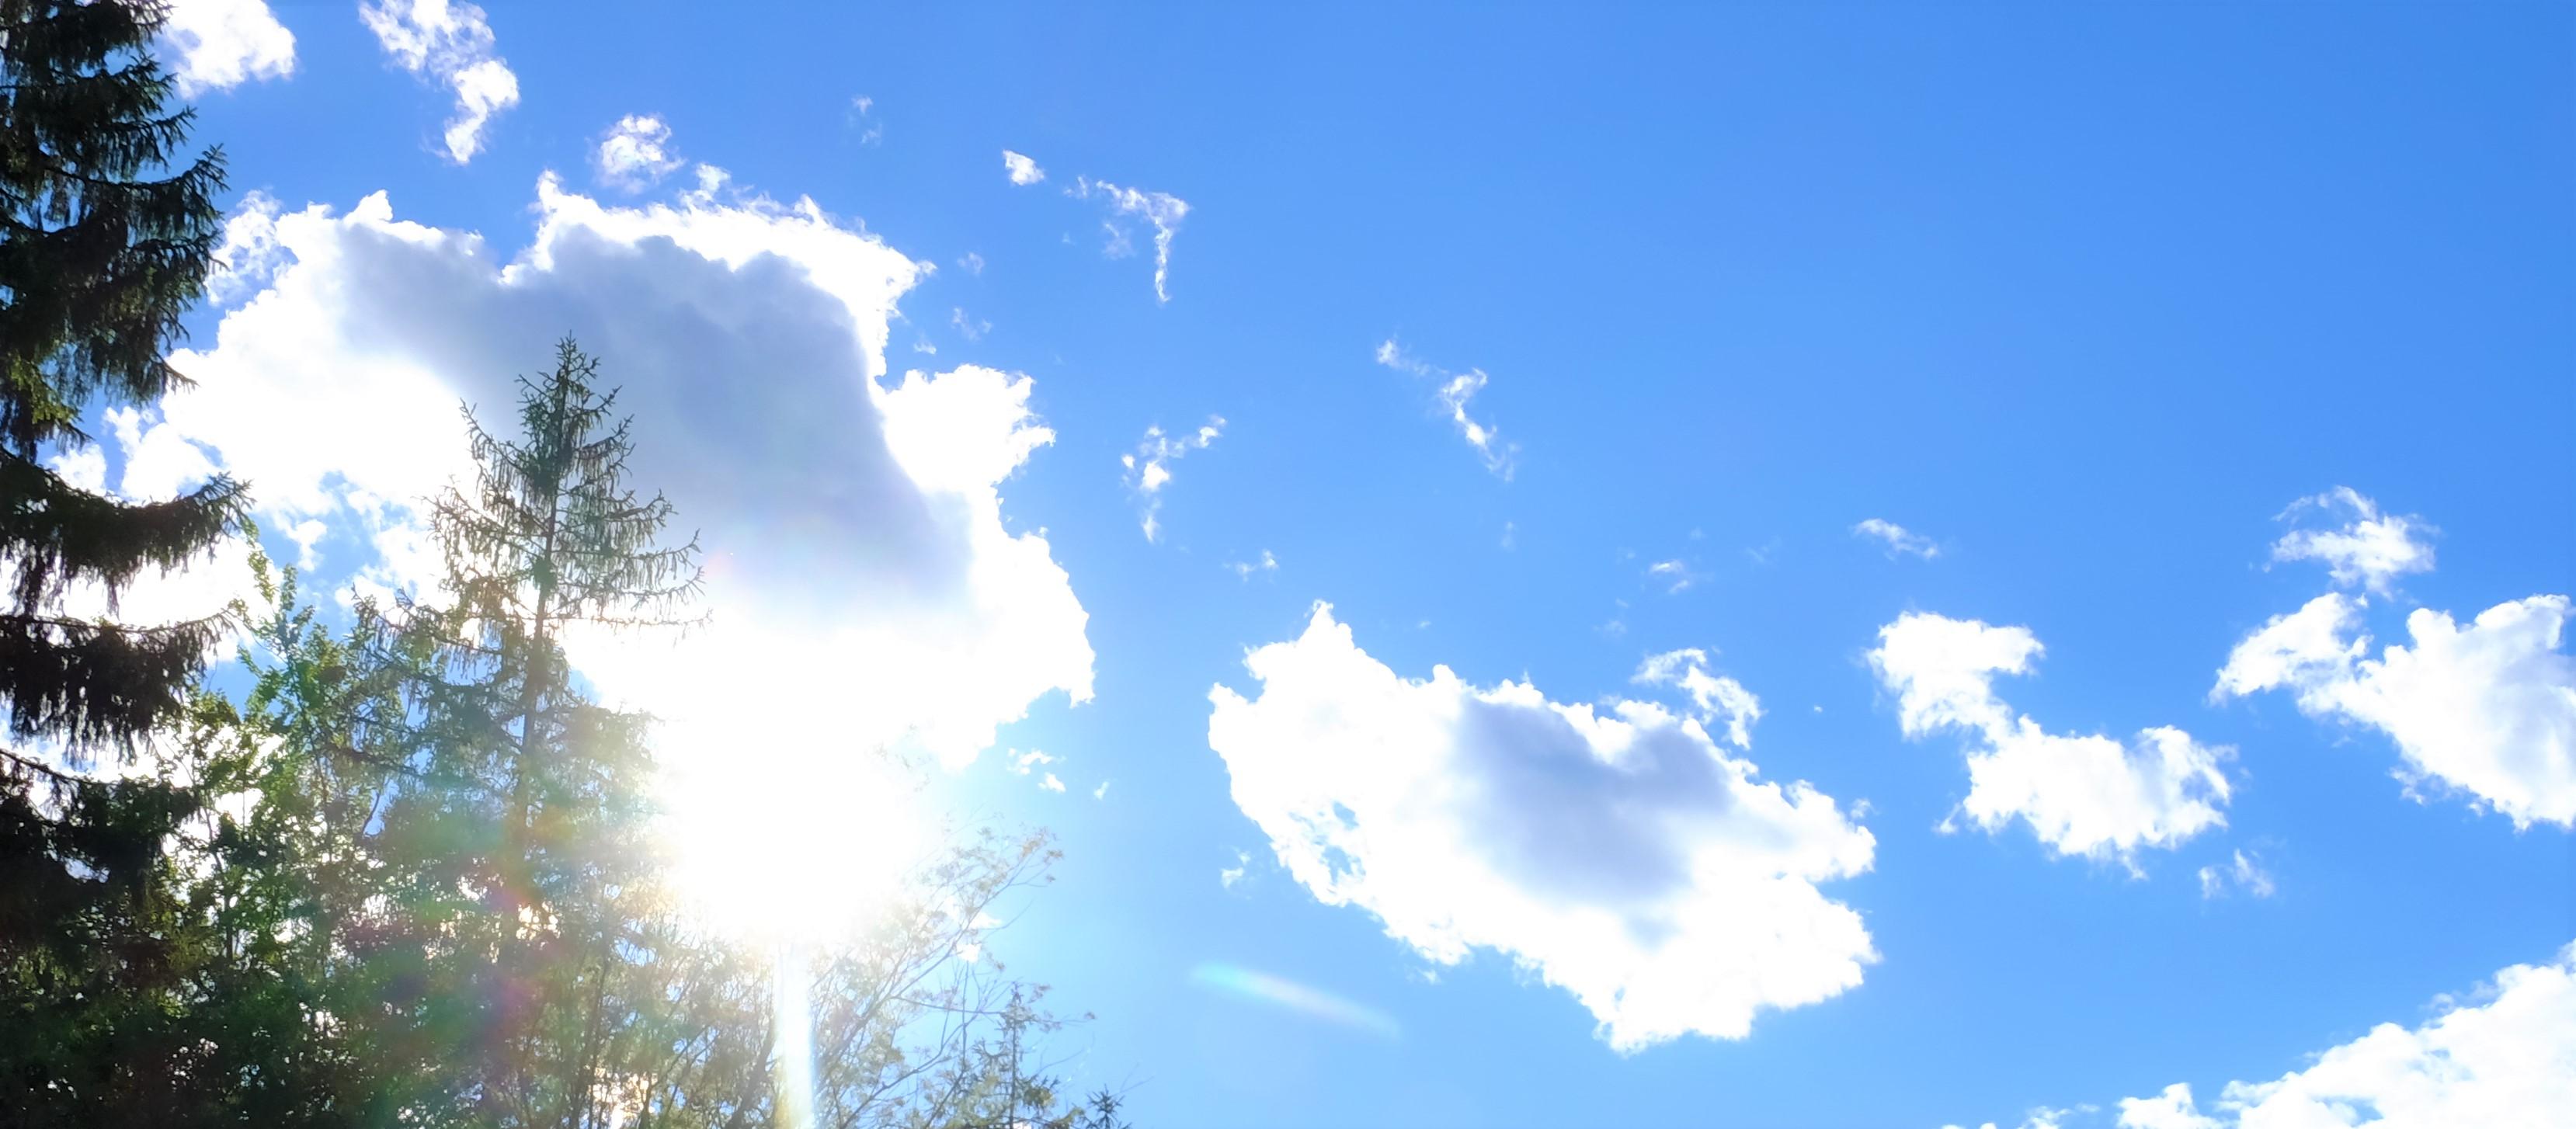 Himmel Wolken S